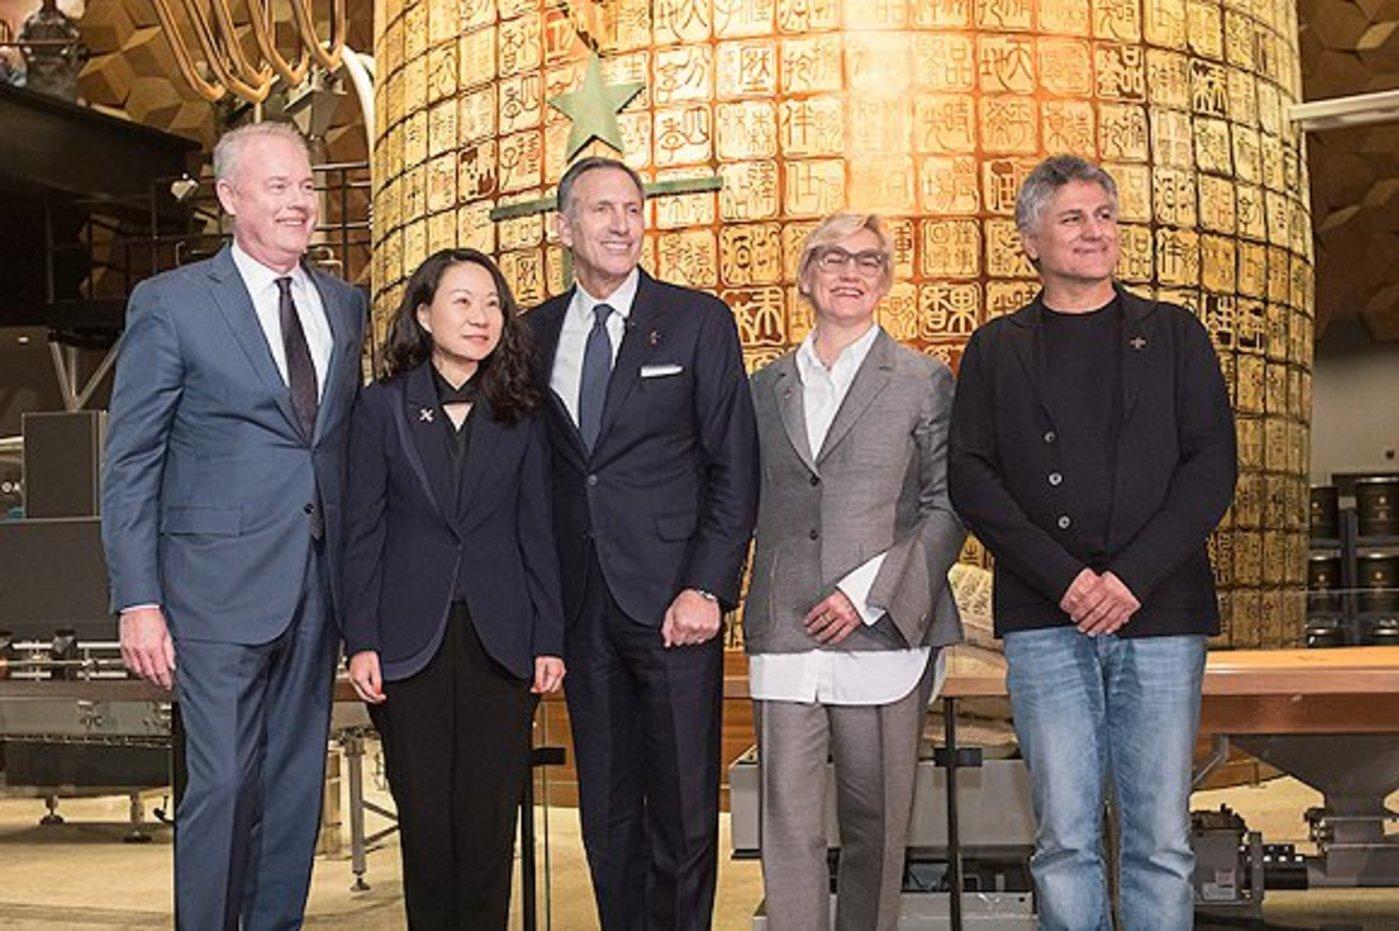 舒尔茨(中)及星巴克高管在一起;左二为星巴克中国CEO王静瑛